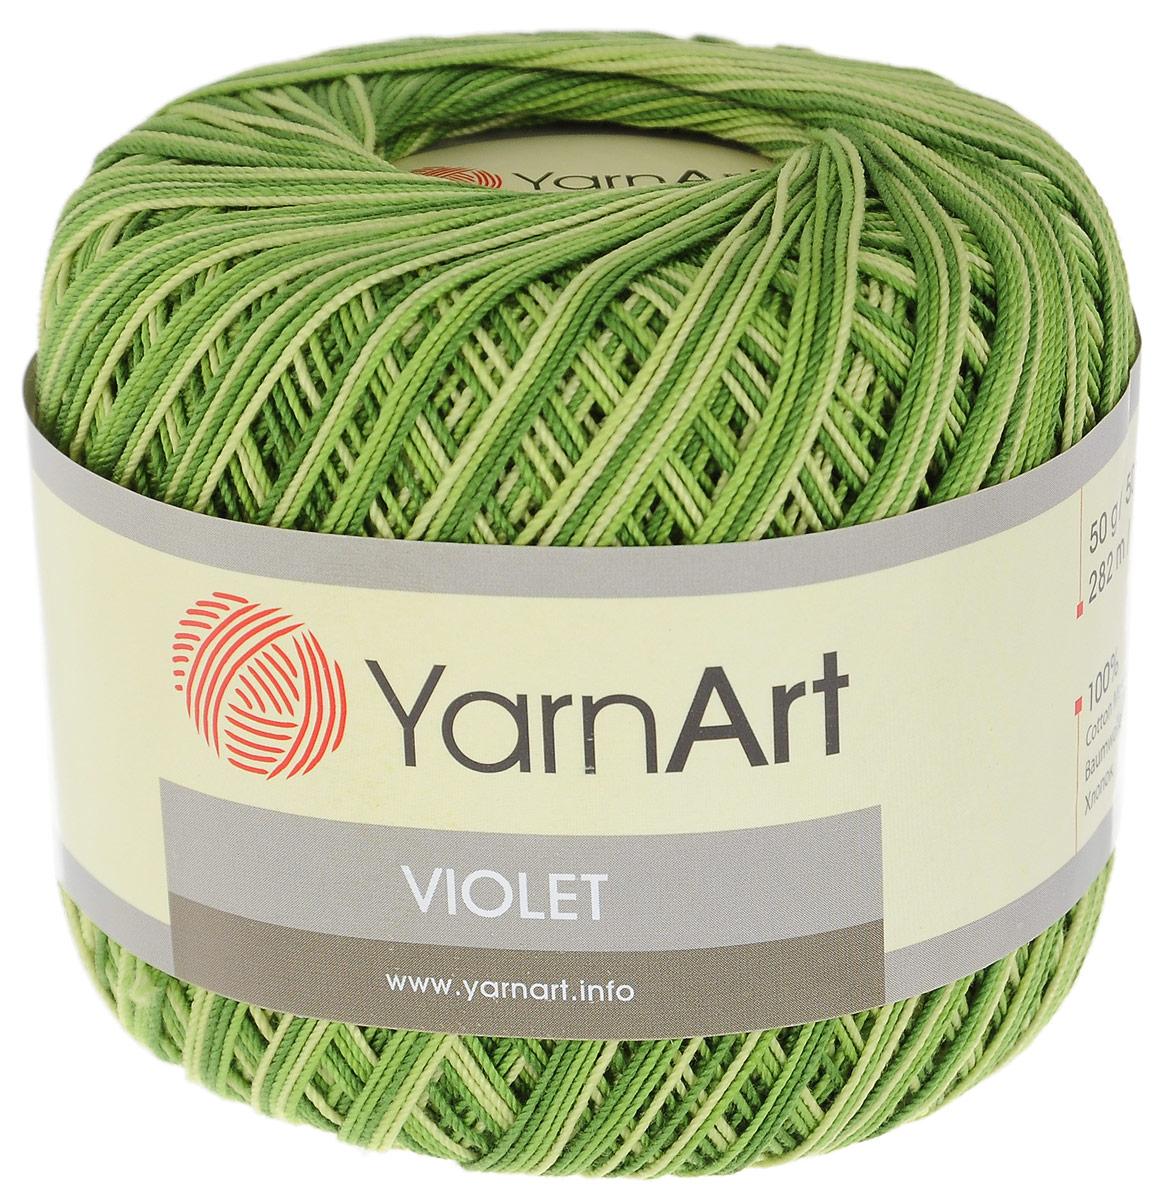 Пряжа для вязания YarnArt Violet, цвет: зеленый, салатовый (0188), 282 м, 50 г, 6 шт пряжа для вязания yarnart baby color цвет белый черный 273 150 м 50 г 5 шт